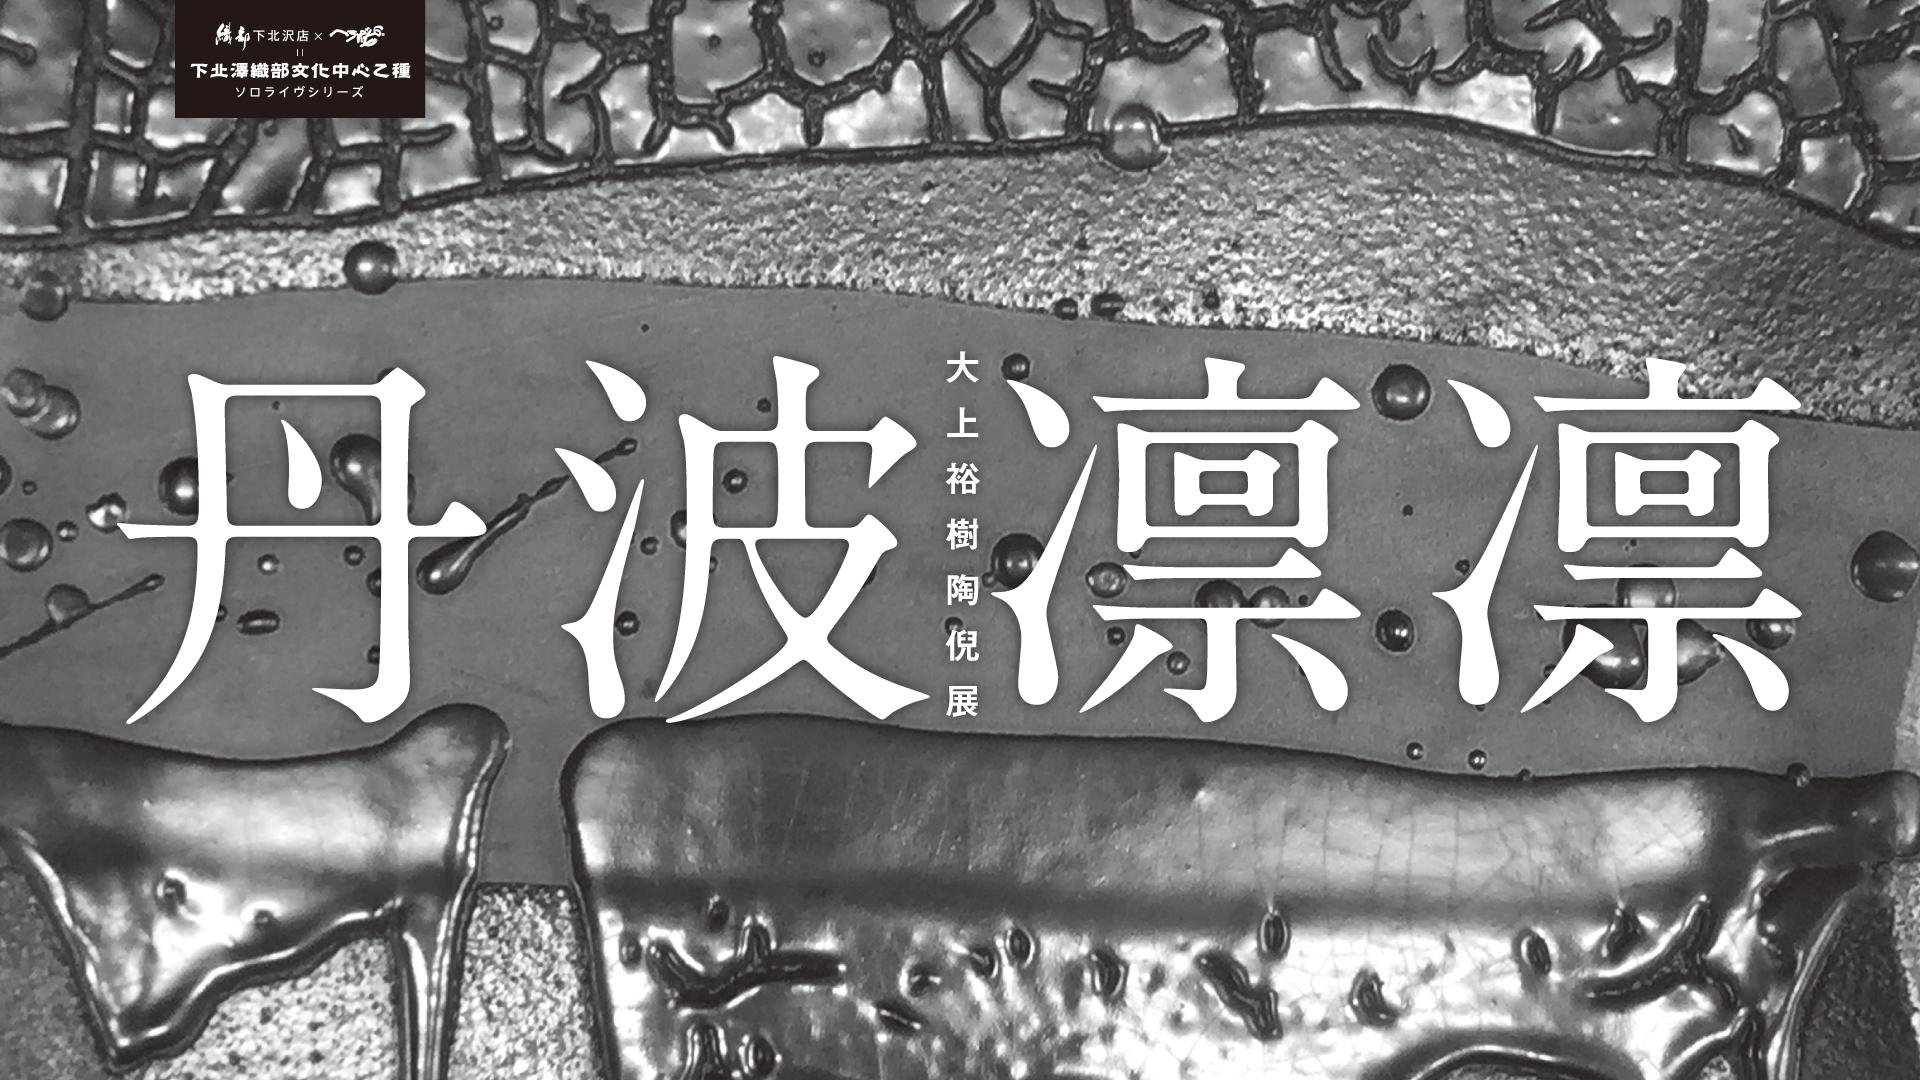 大上裕樹陶倪展『丹波凛凛』